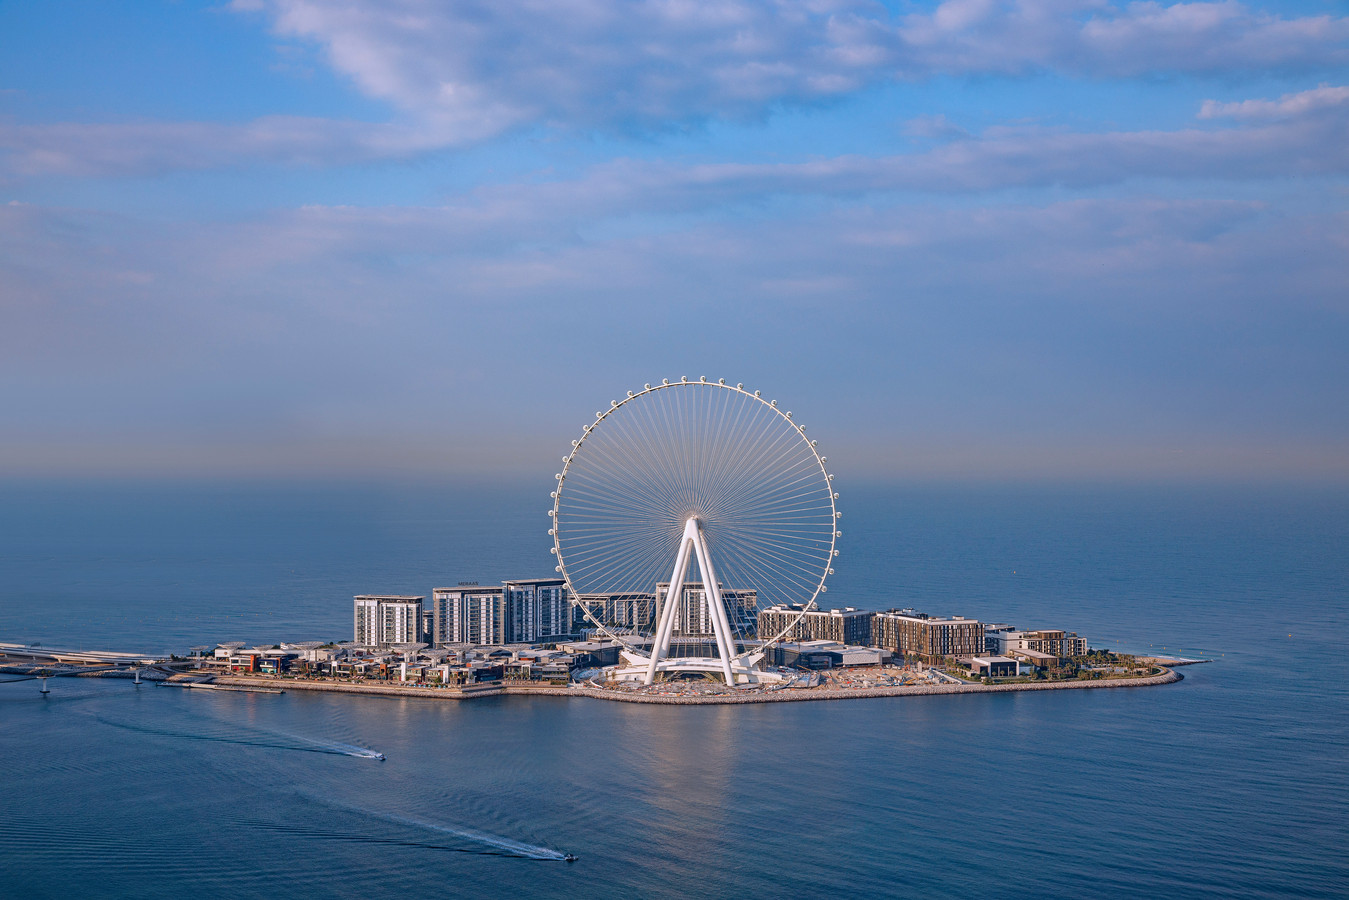 Het enorme reuzenrad bevat 30 procent meer staal dan de Eiffeltoren.